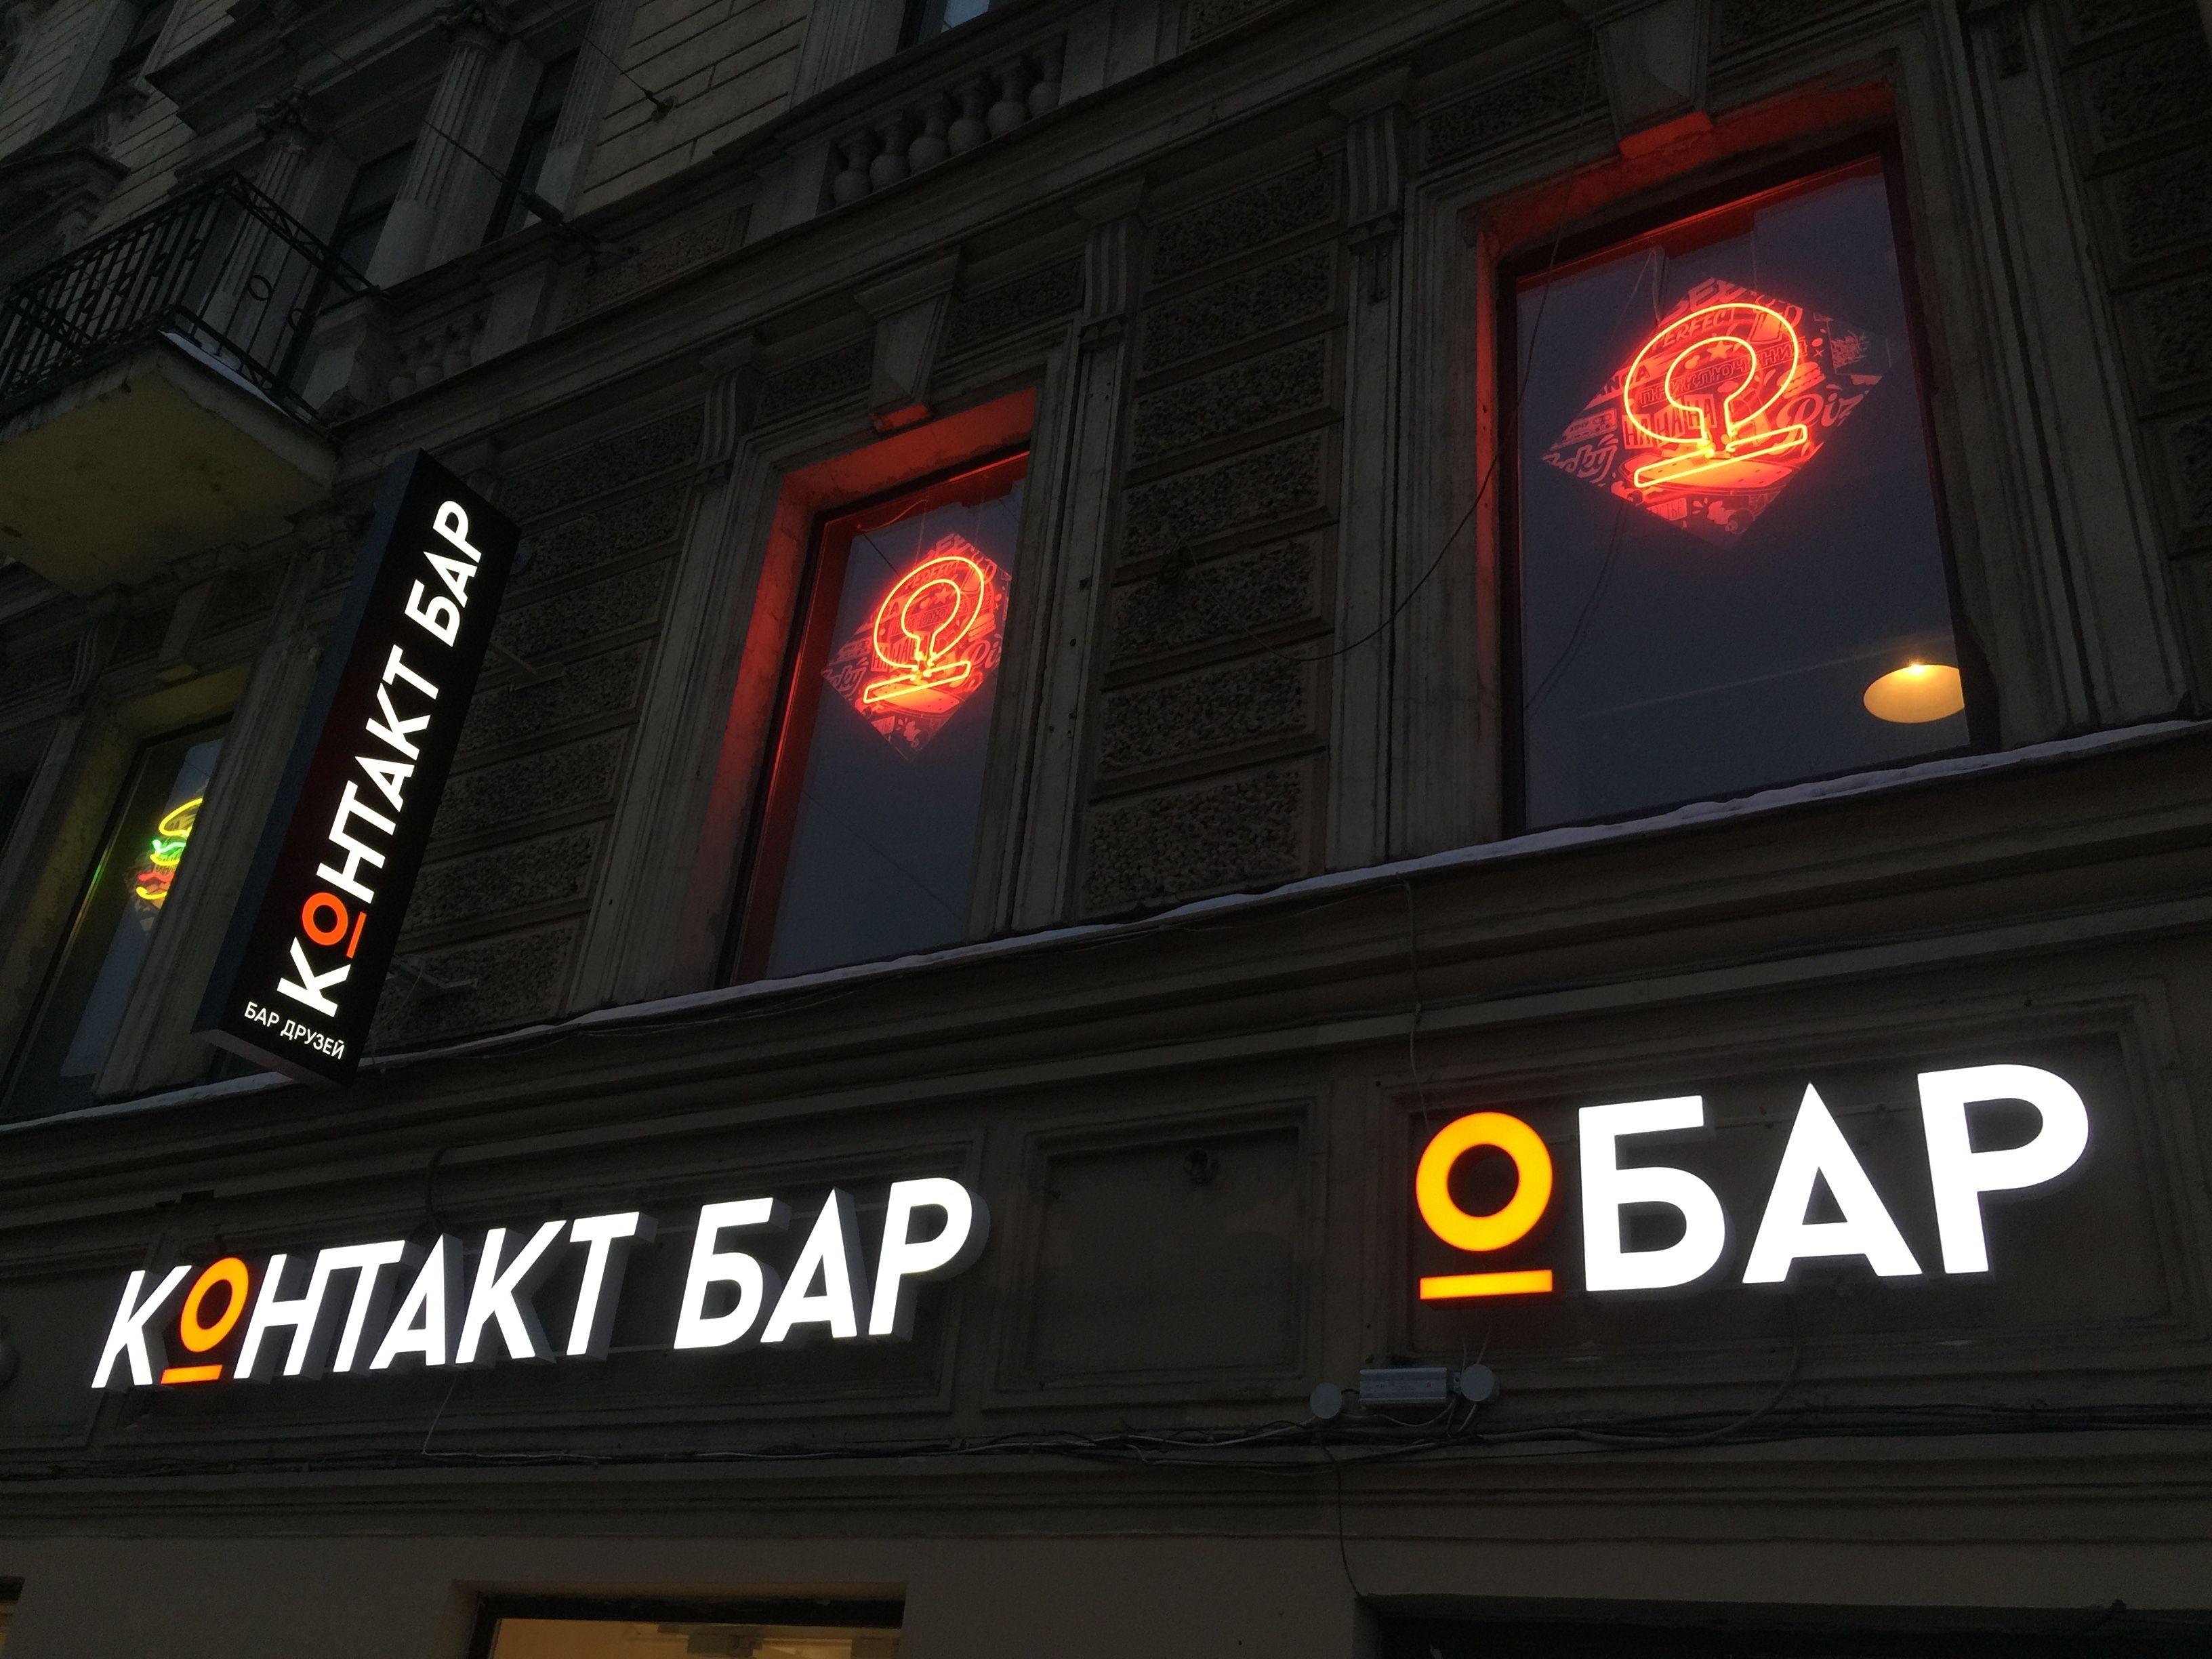 Объёмные световые буквы, дизайн, проектирование, бар, наружная реклама,Контакт БАР, логотип